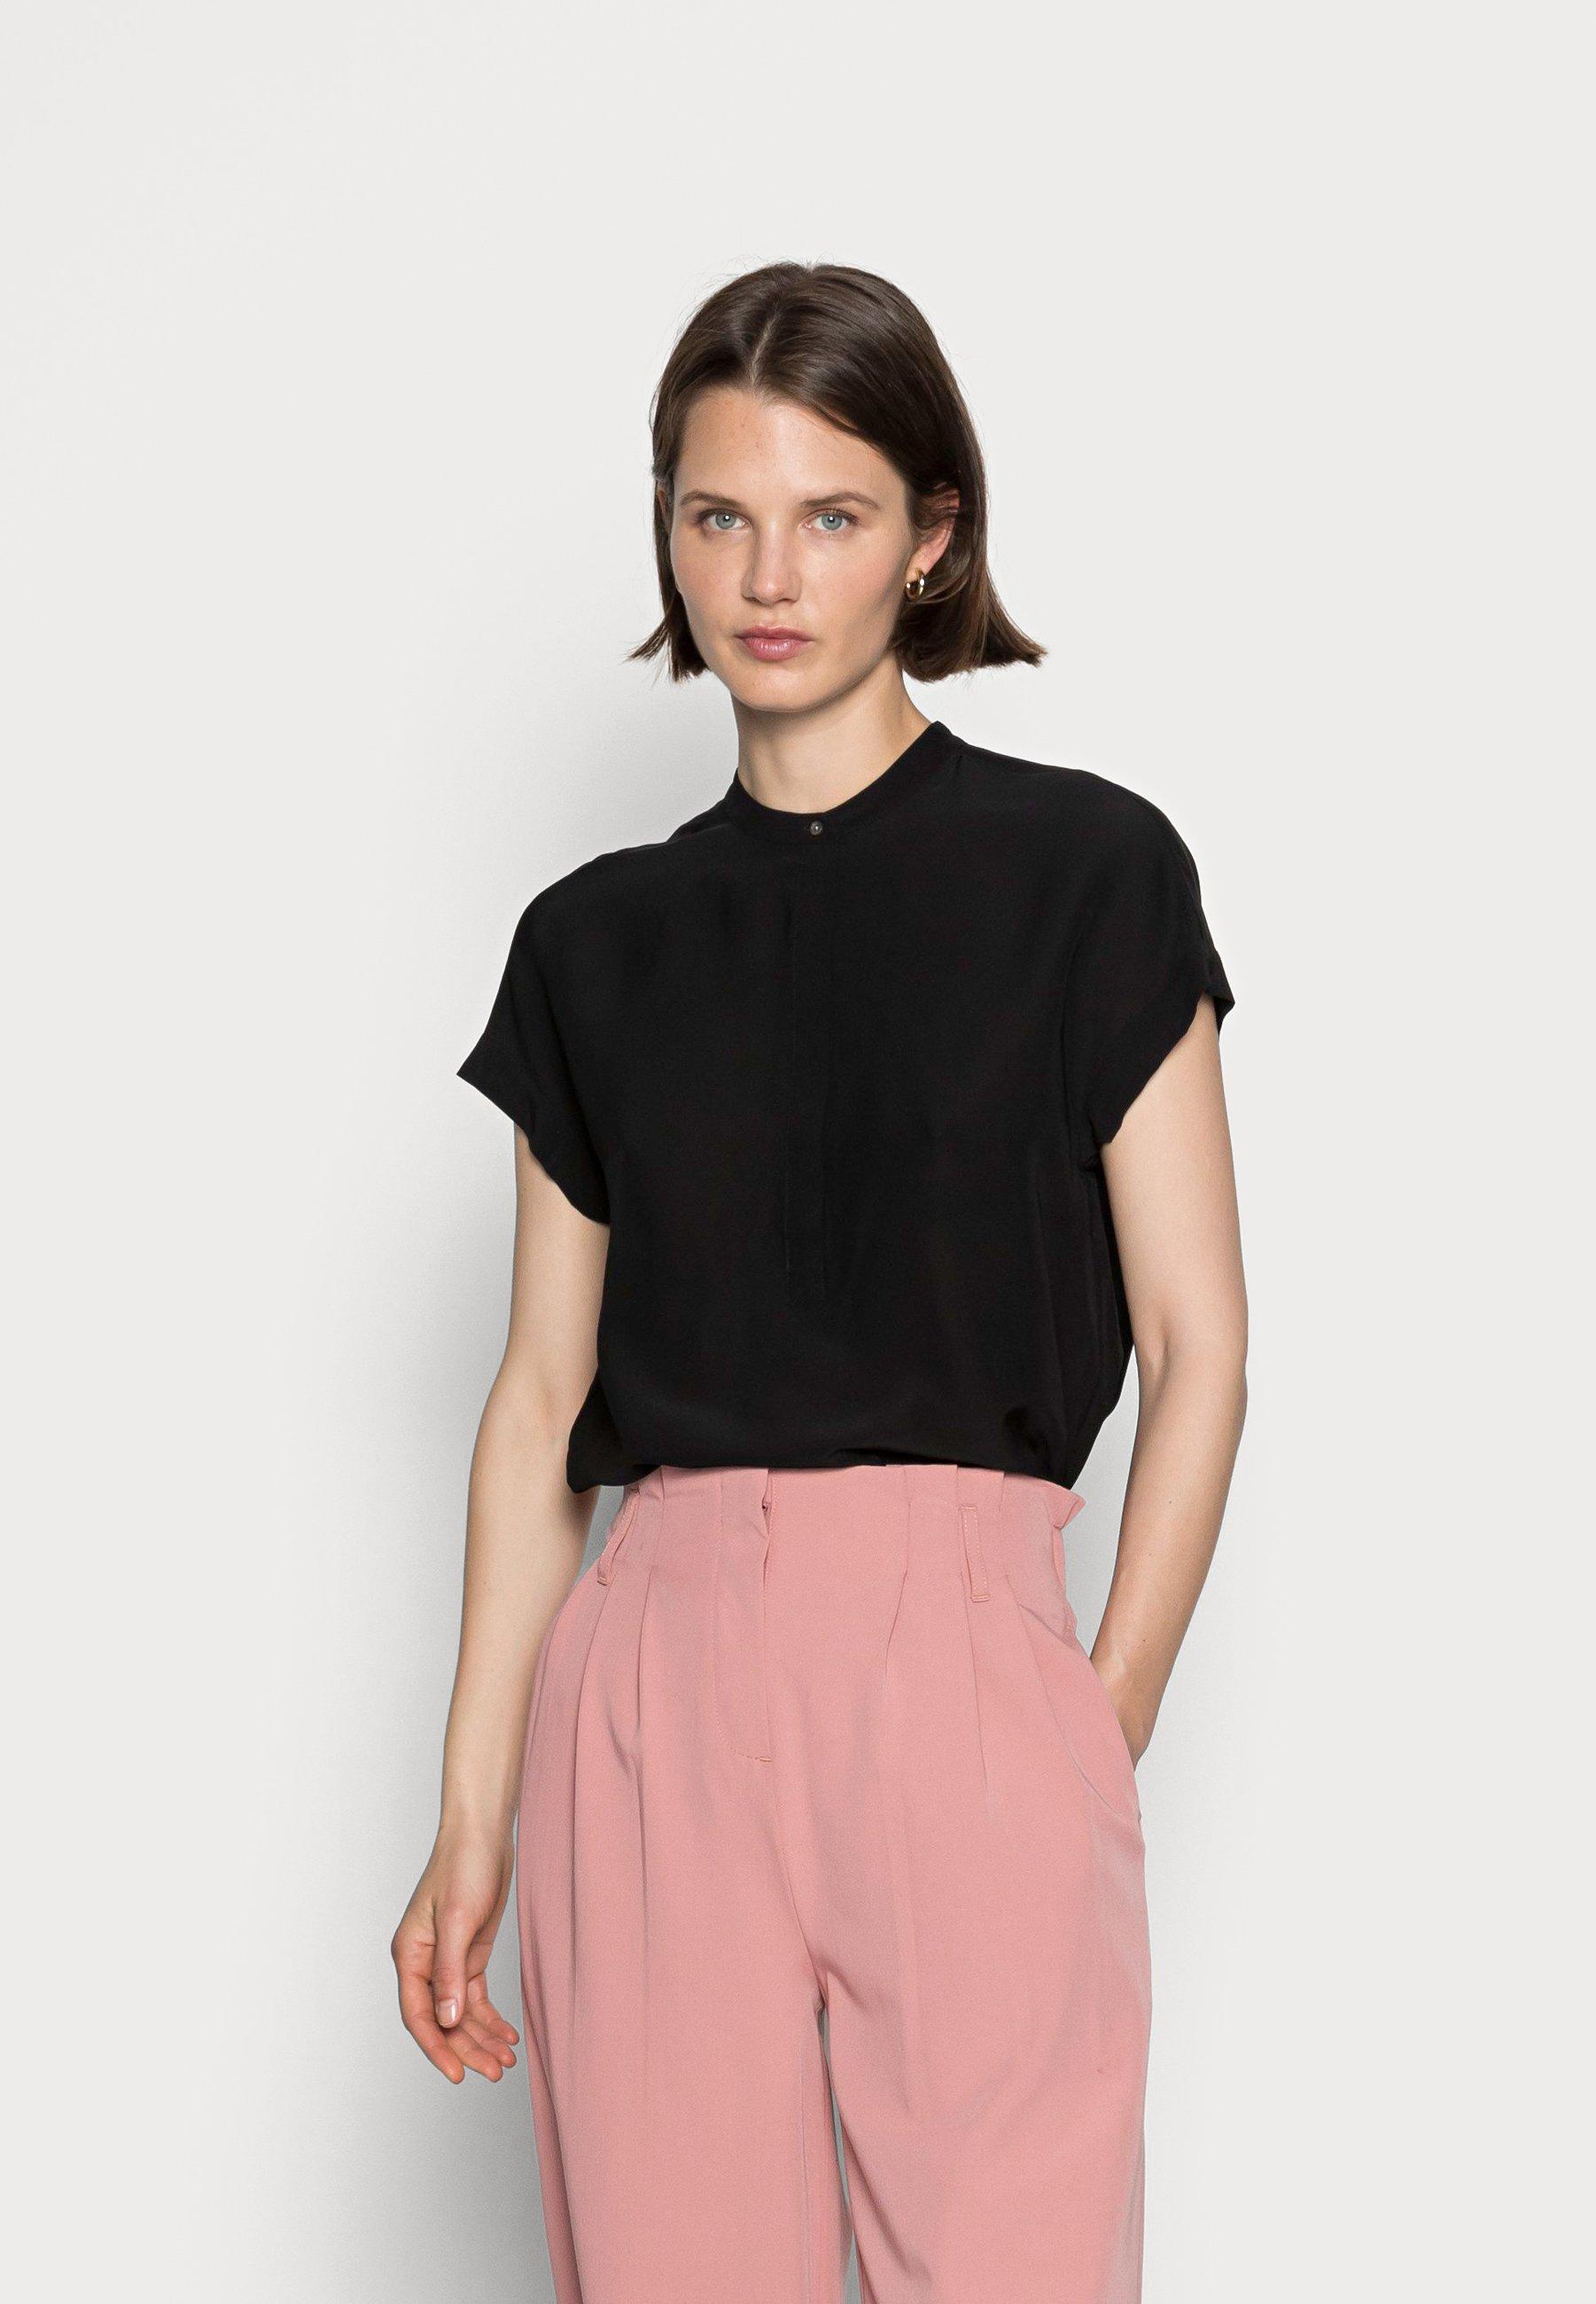 Donna BLOUSE SHORT SLEEVE  HIDDEN BUTTON PLACKET - T-shirt basic